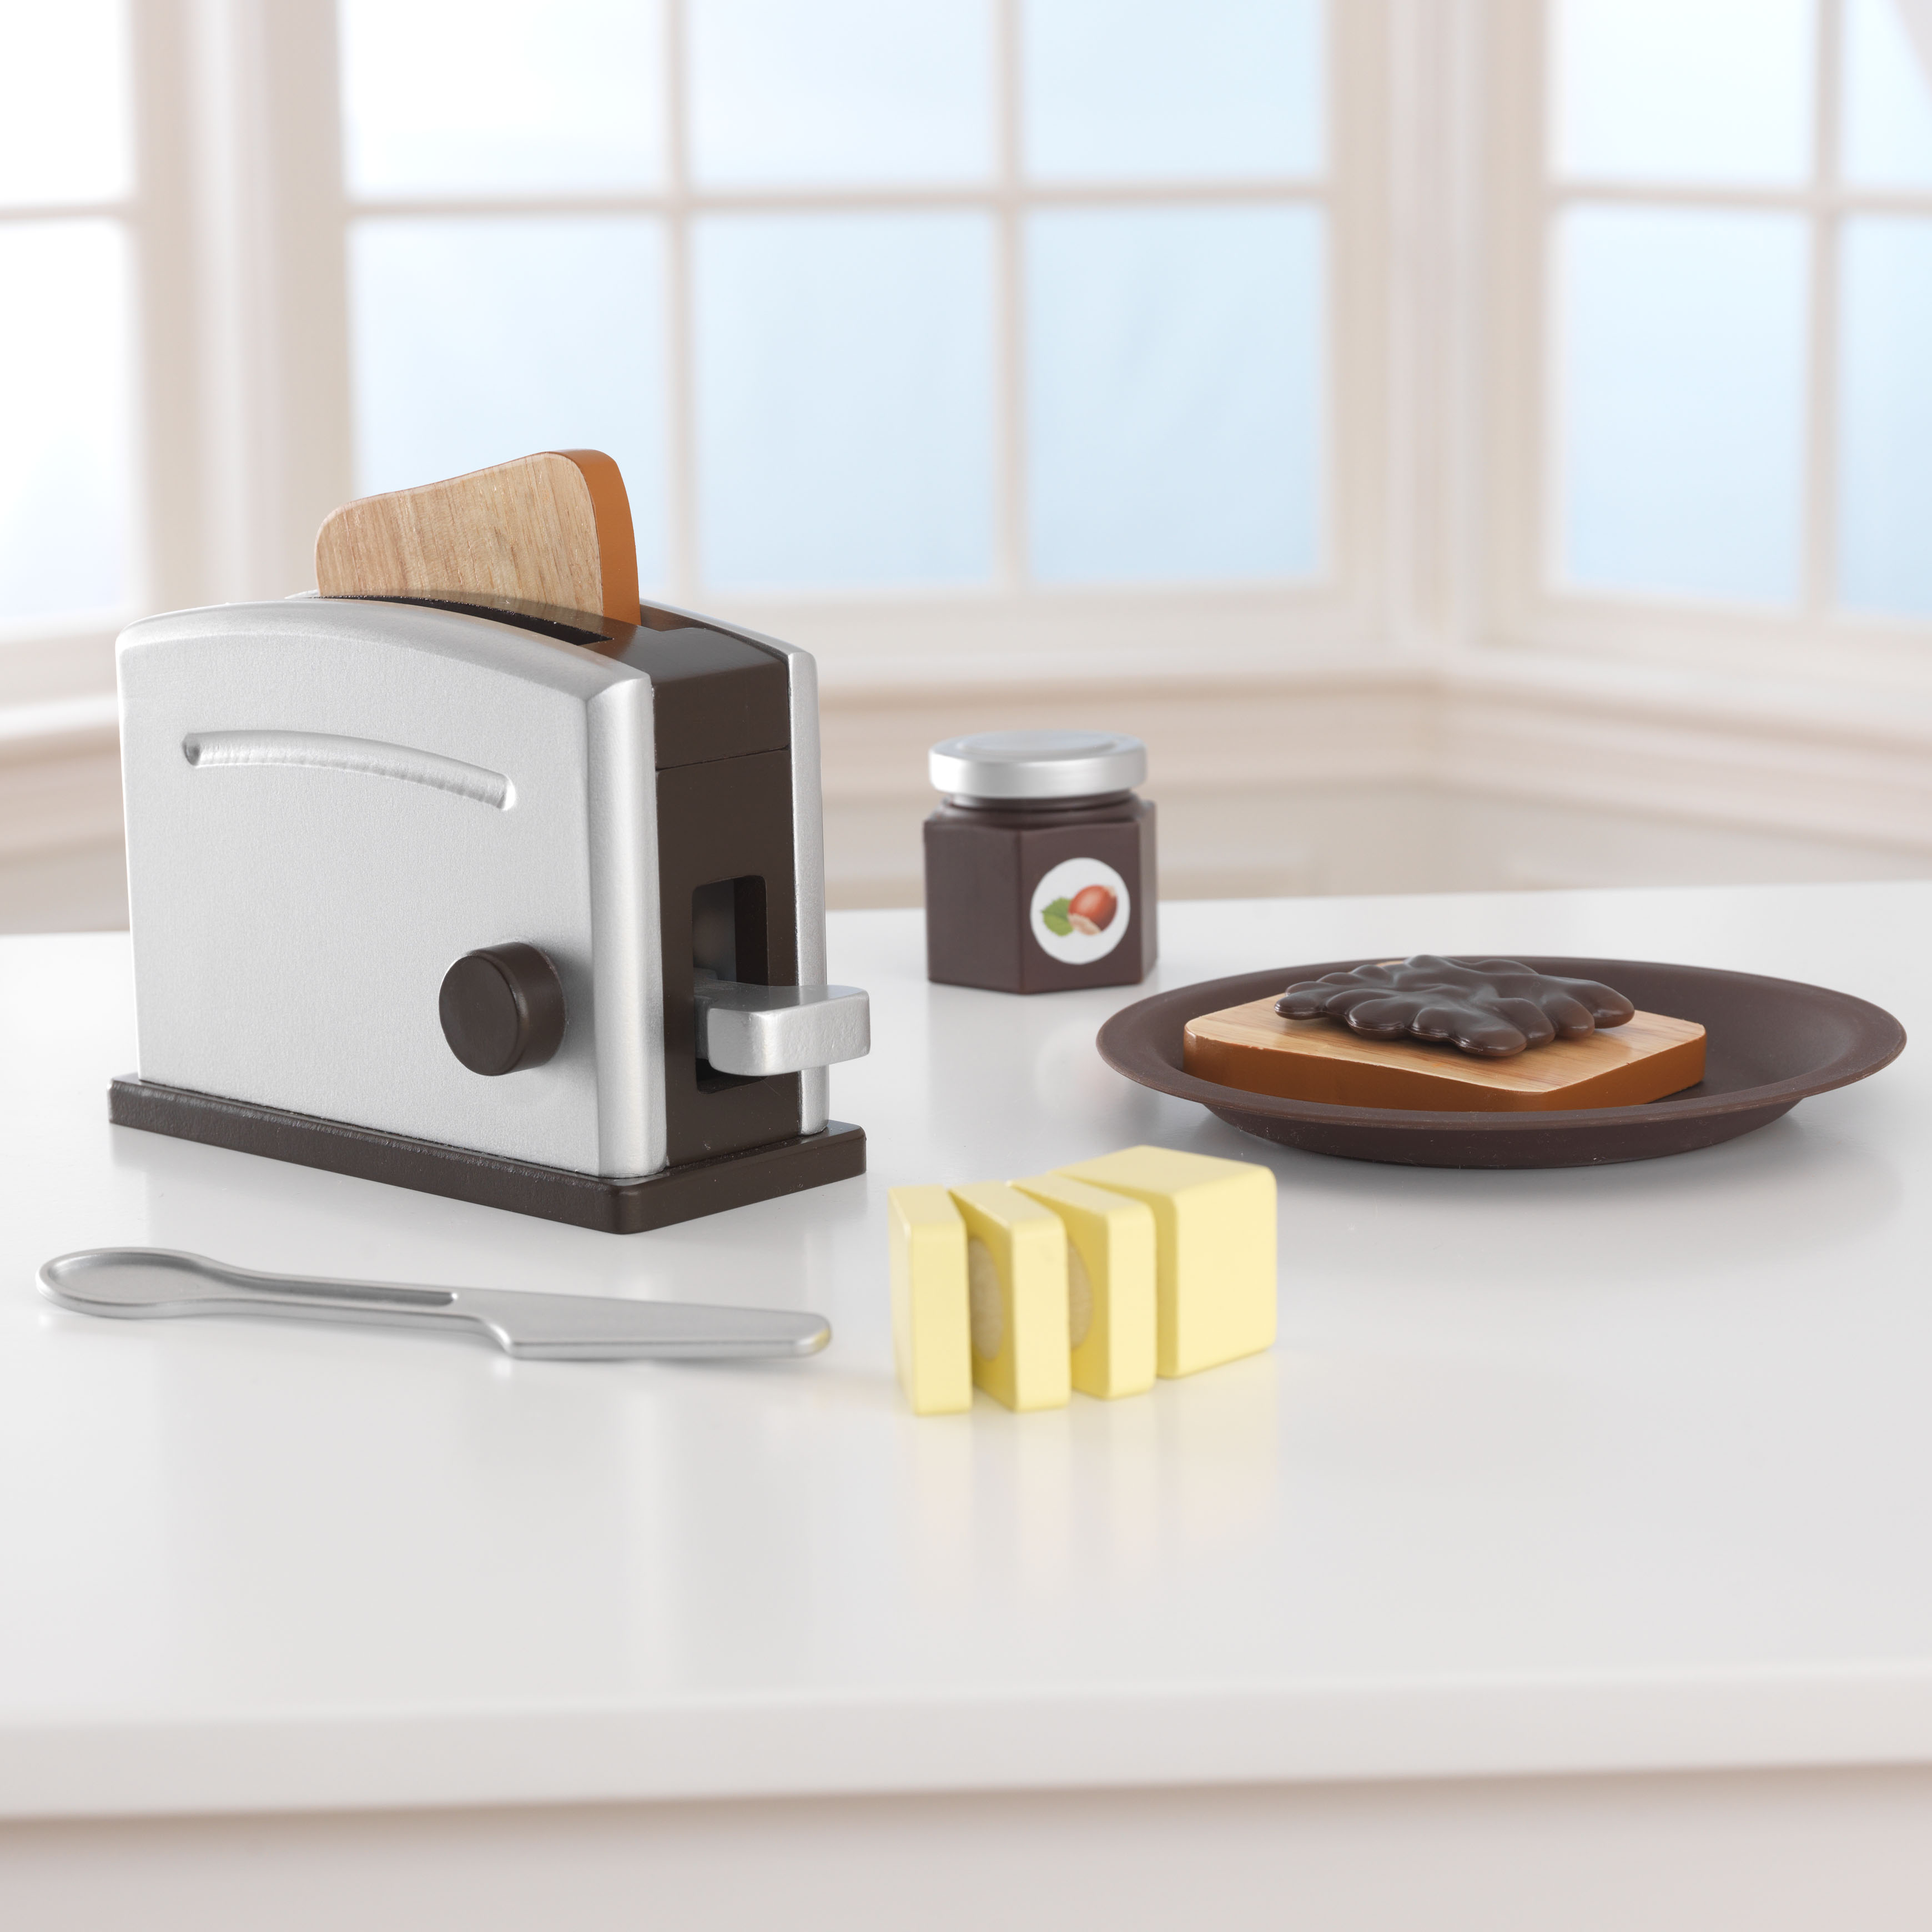 Kidkraft toaster sæt - espresso , 2 stk. på lager fra Kidkraft fra pixizoo